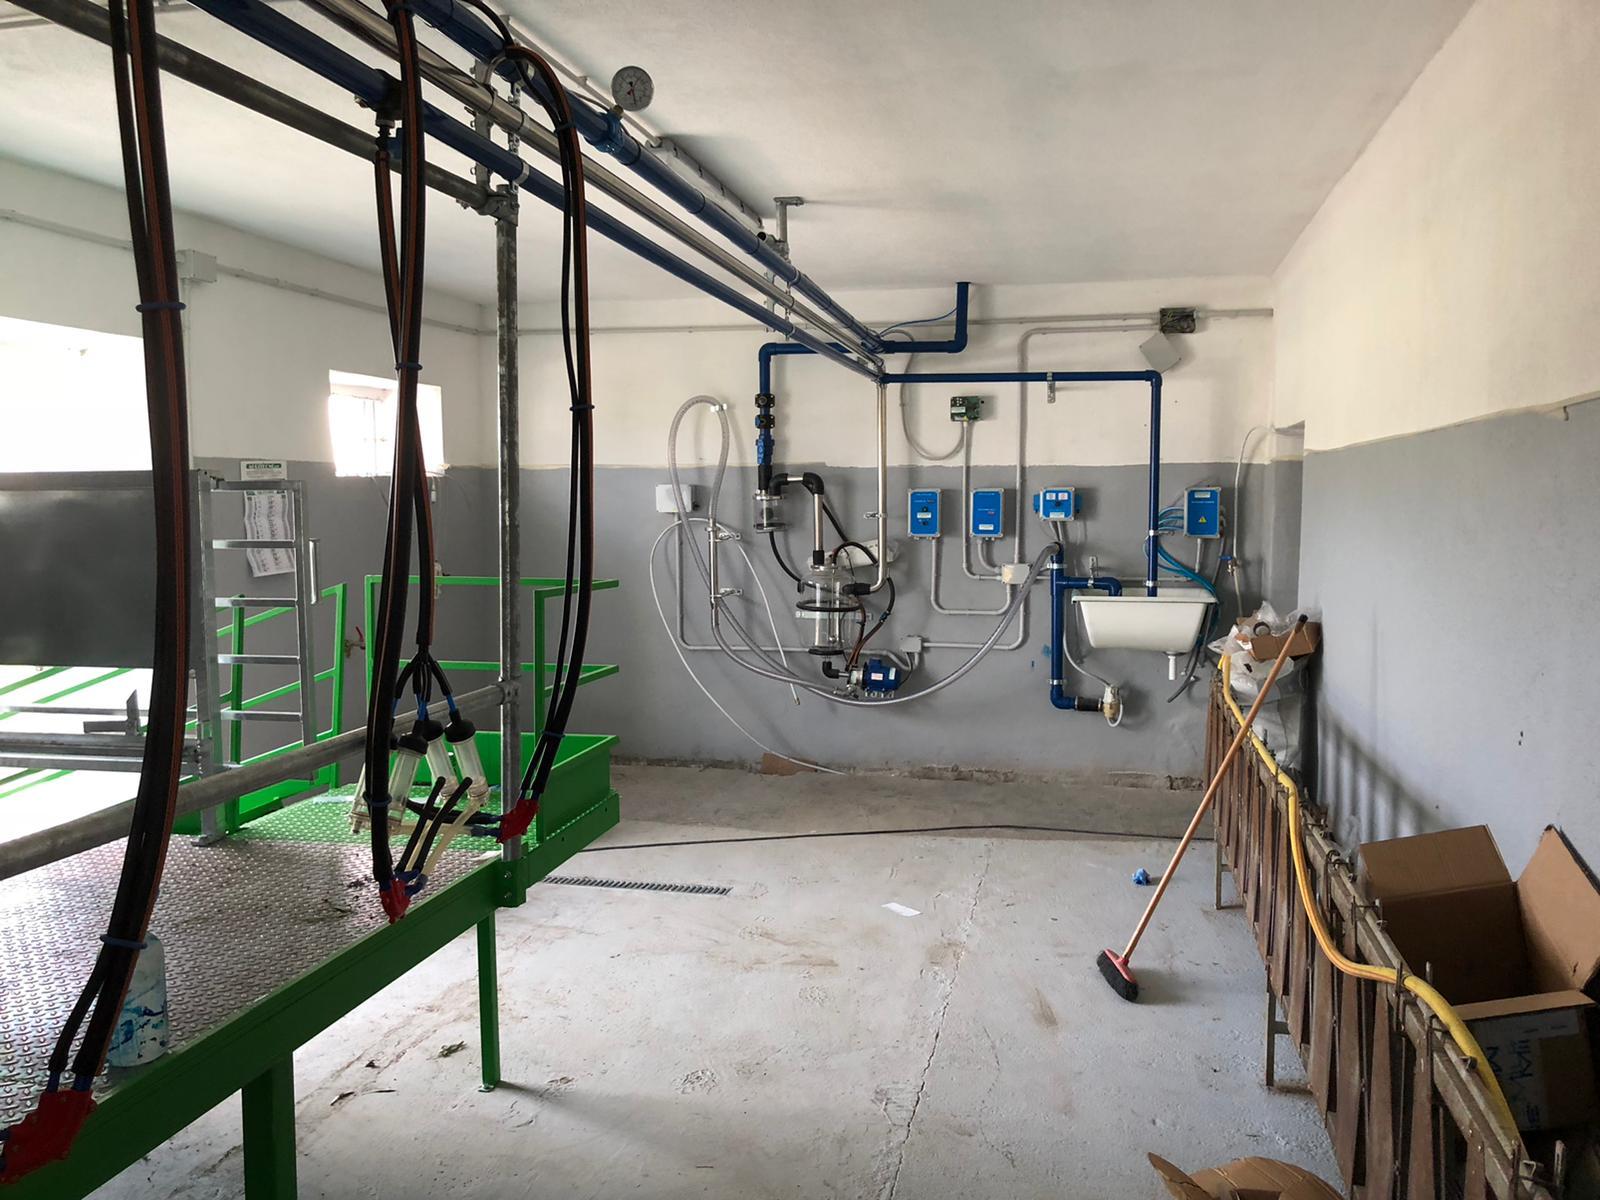 impianto mungitura ovini a lattodotto con vasolatte